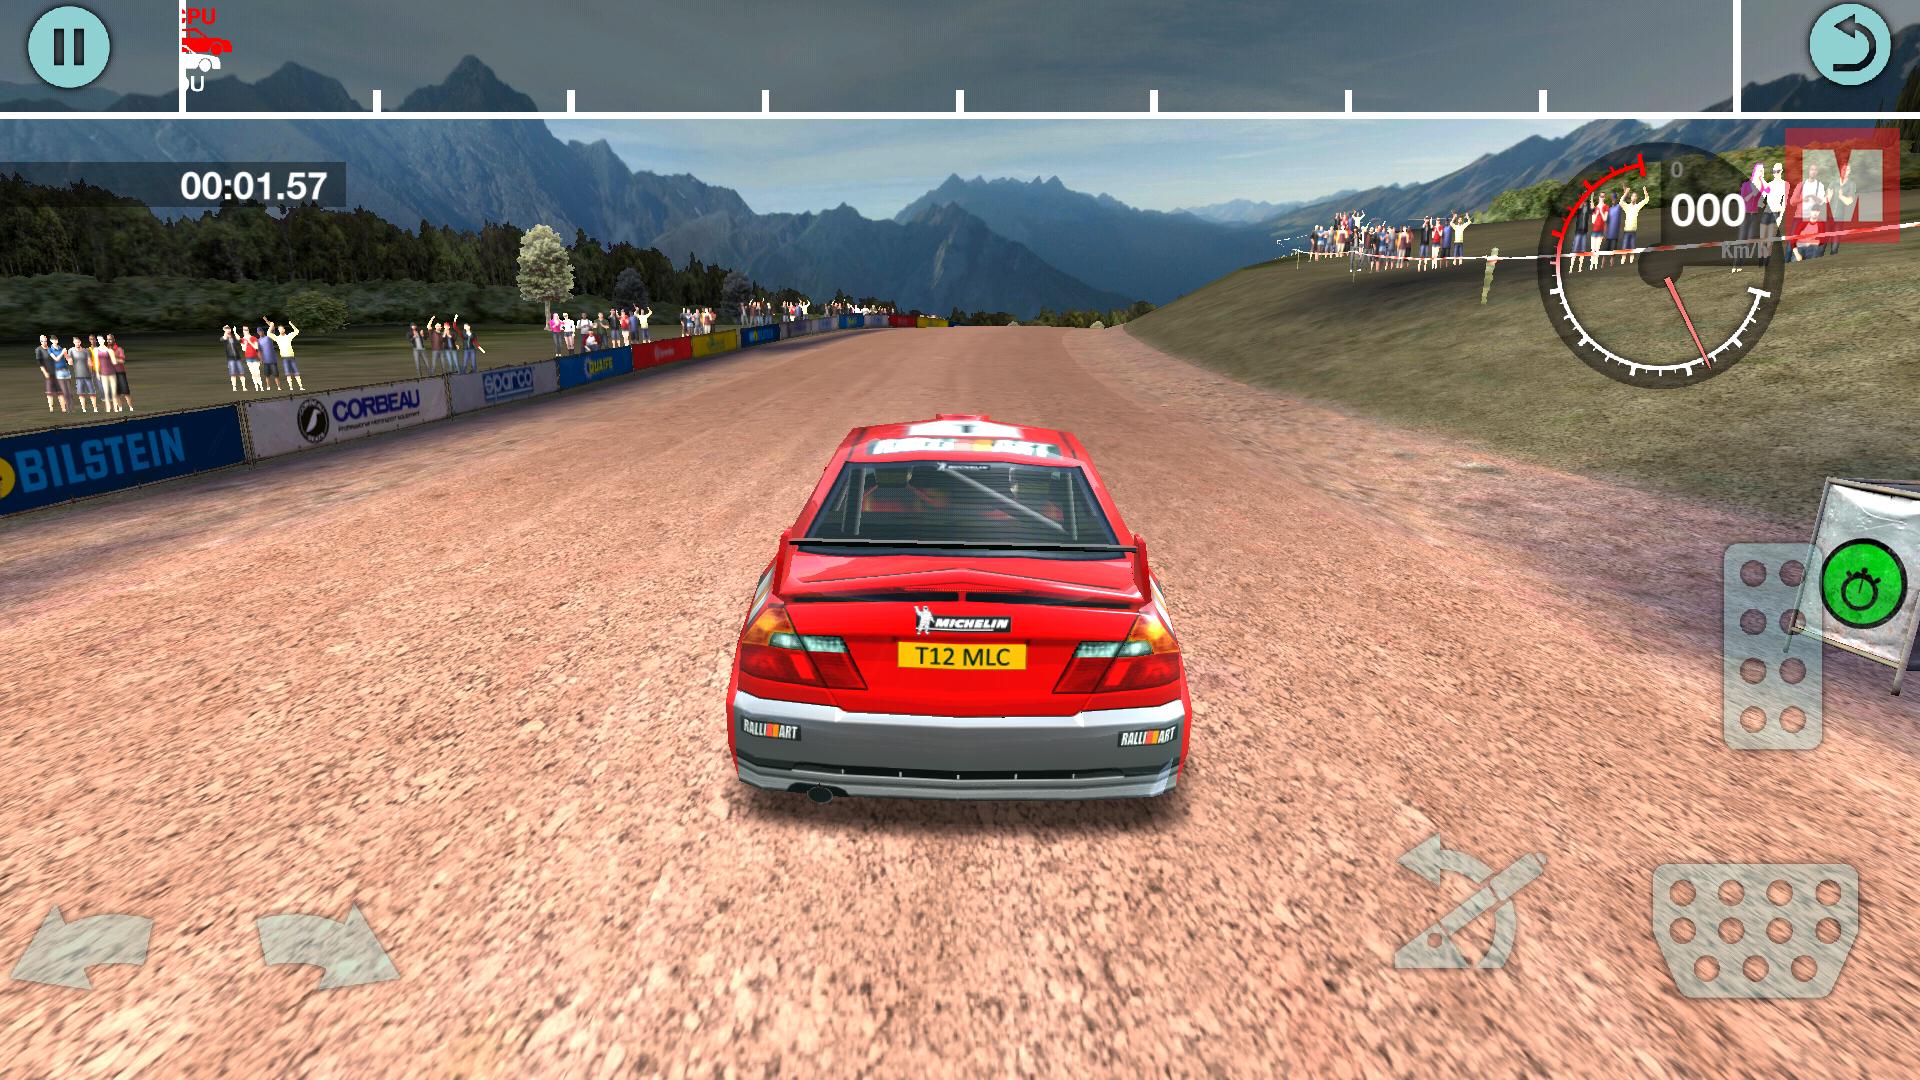 ColinMcrae4 - La viciada del mes: Enganchados al Colin McRae Rally